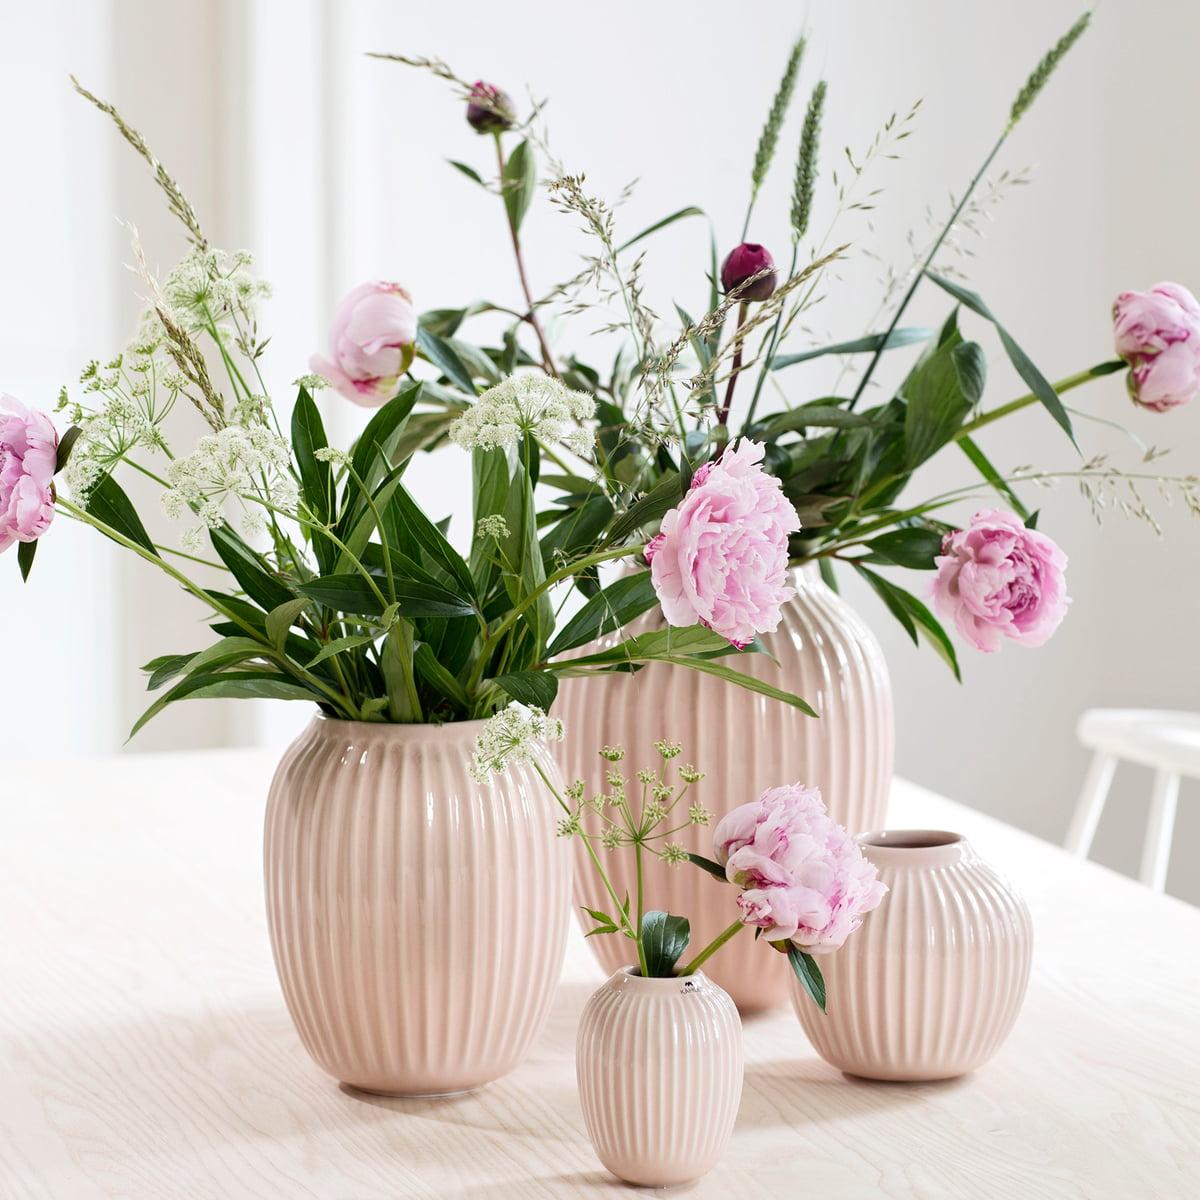 rillen vase hammersoi k hler. Black Bedroom Furniture Sets. Home Design Ideas